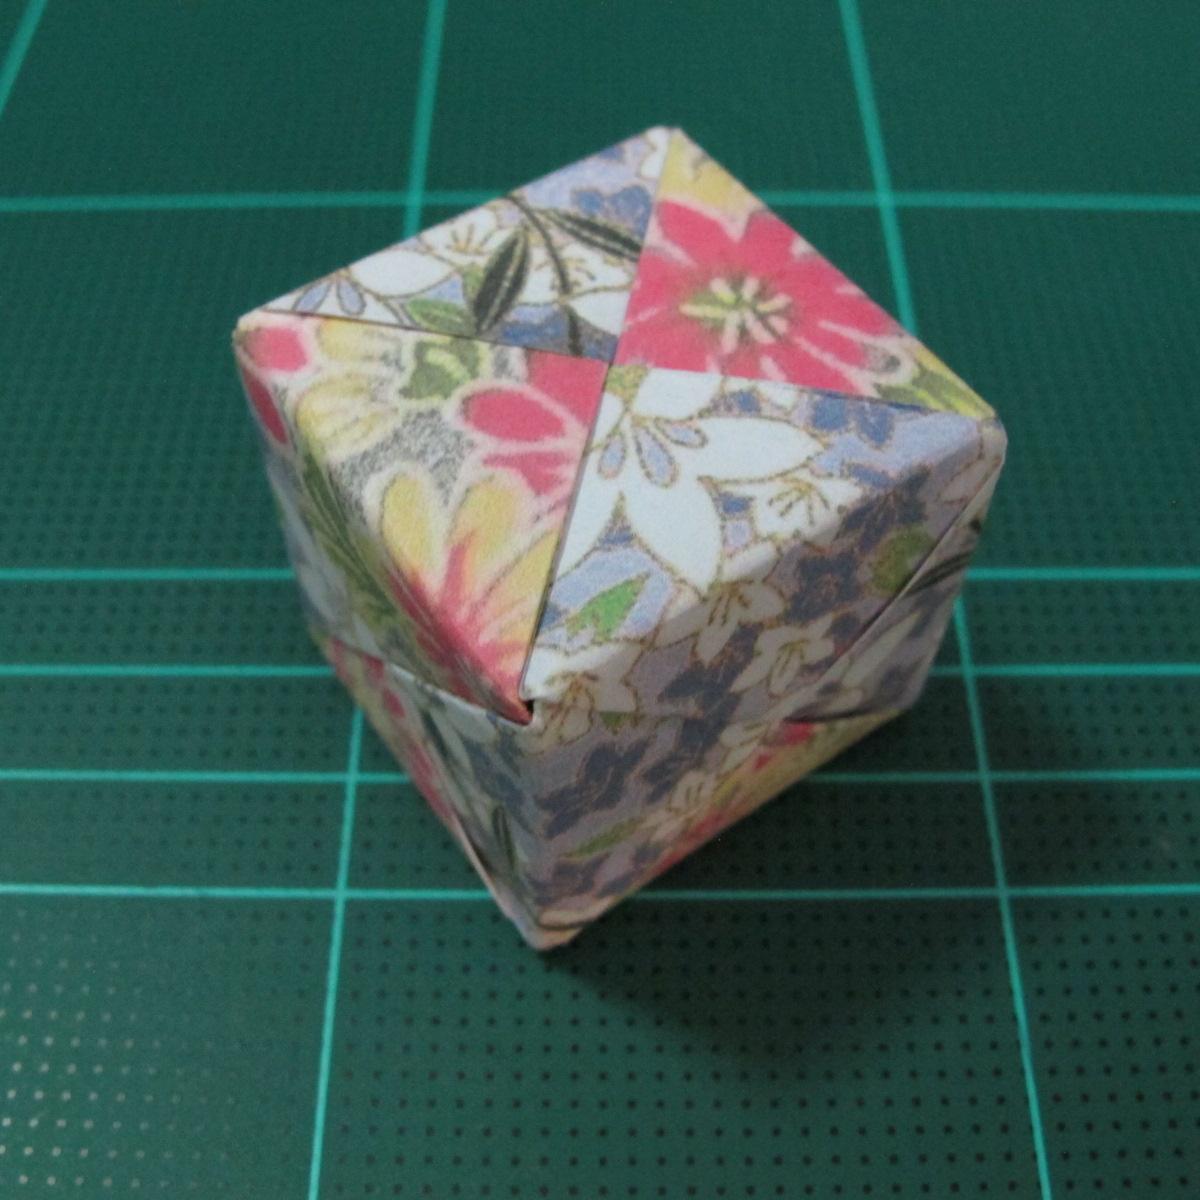 การพับกระดาษเป็นรูปเรขาคณิตทรงลูกบาศก์แบบแยกชิ้นประกอบ (Modular Origami Cube) 038